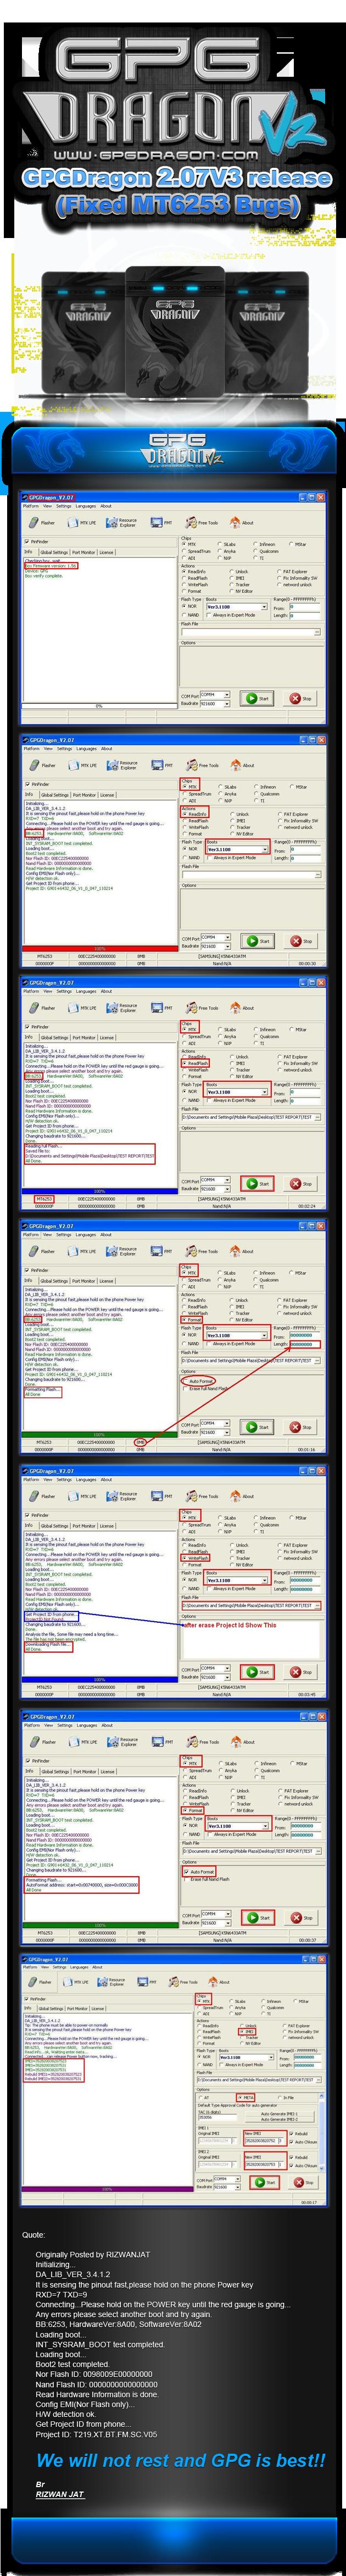 2011 06 27 gpgdragonv2 07v3 under test fixed mt6253 bugs 01